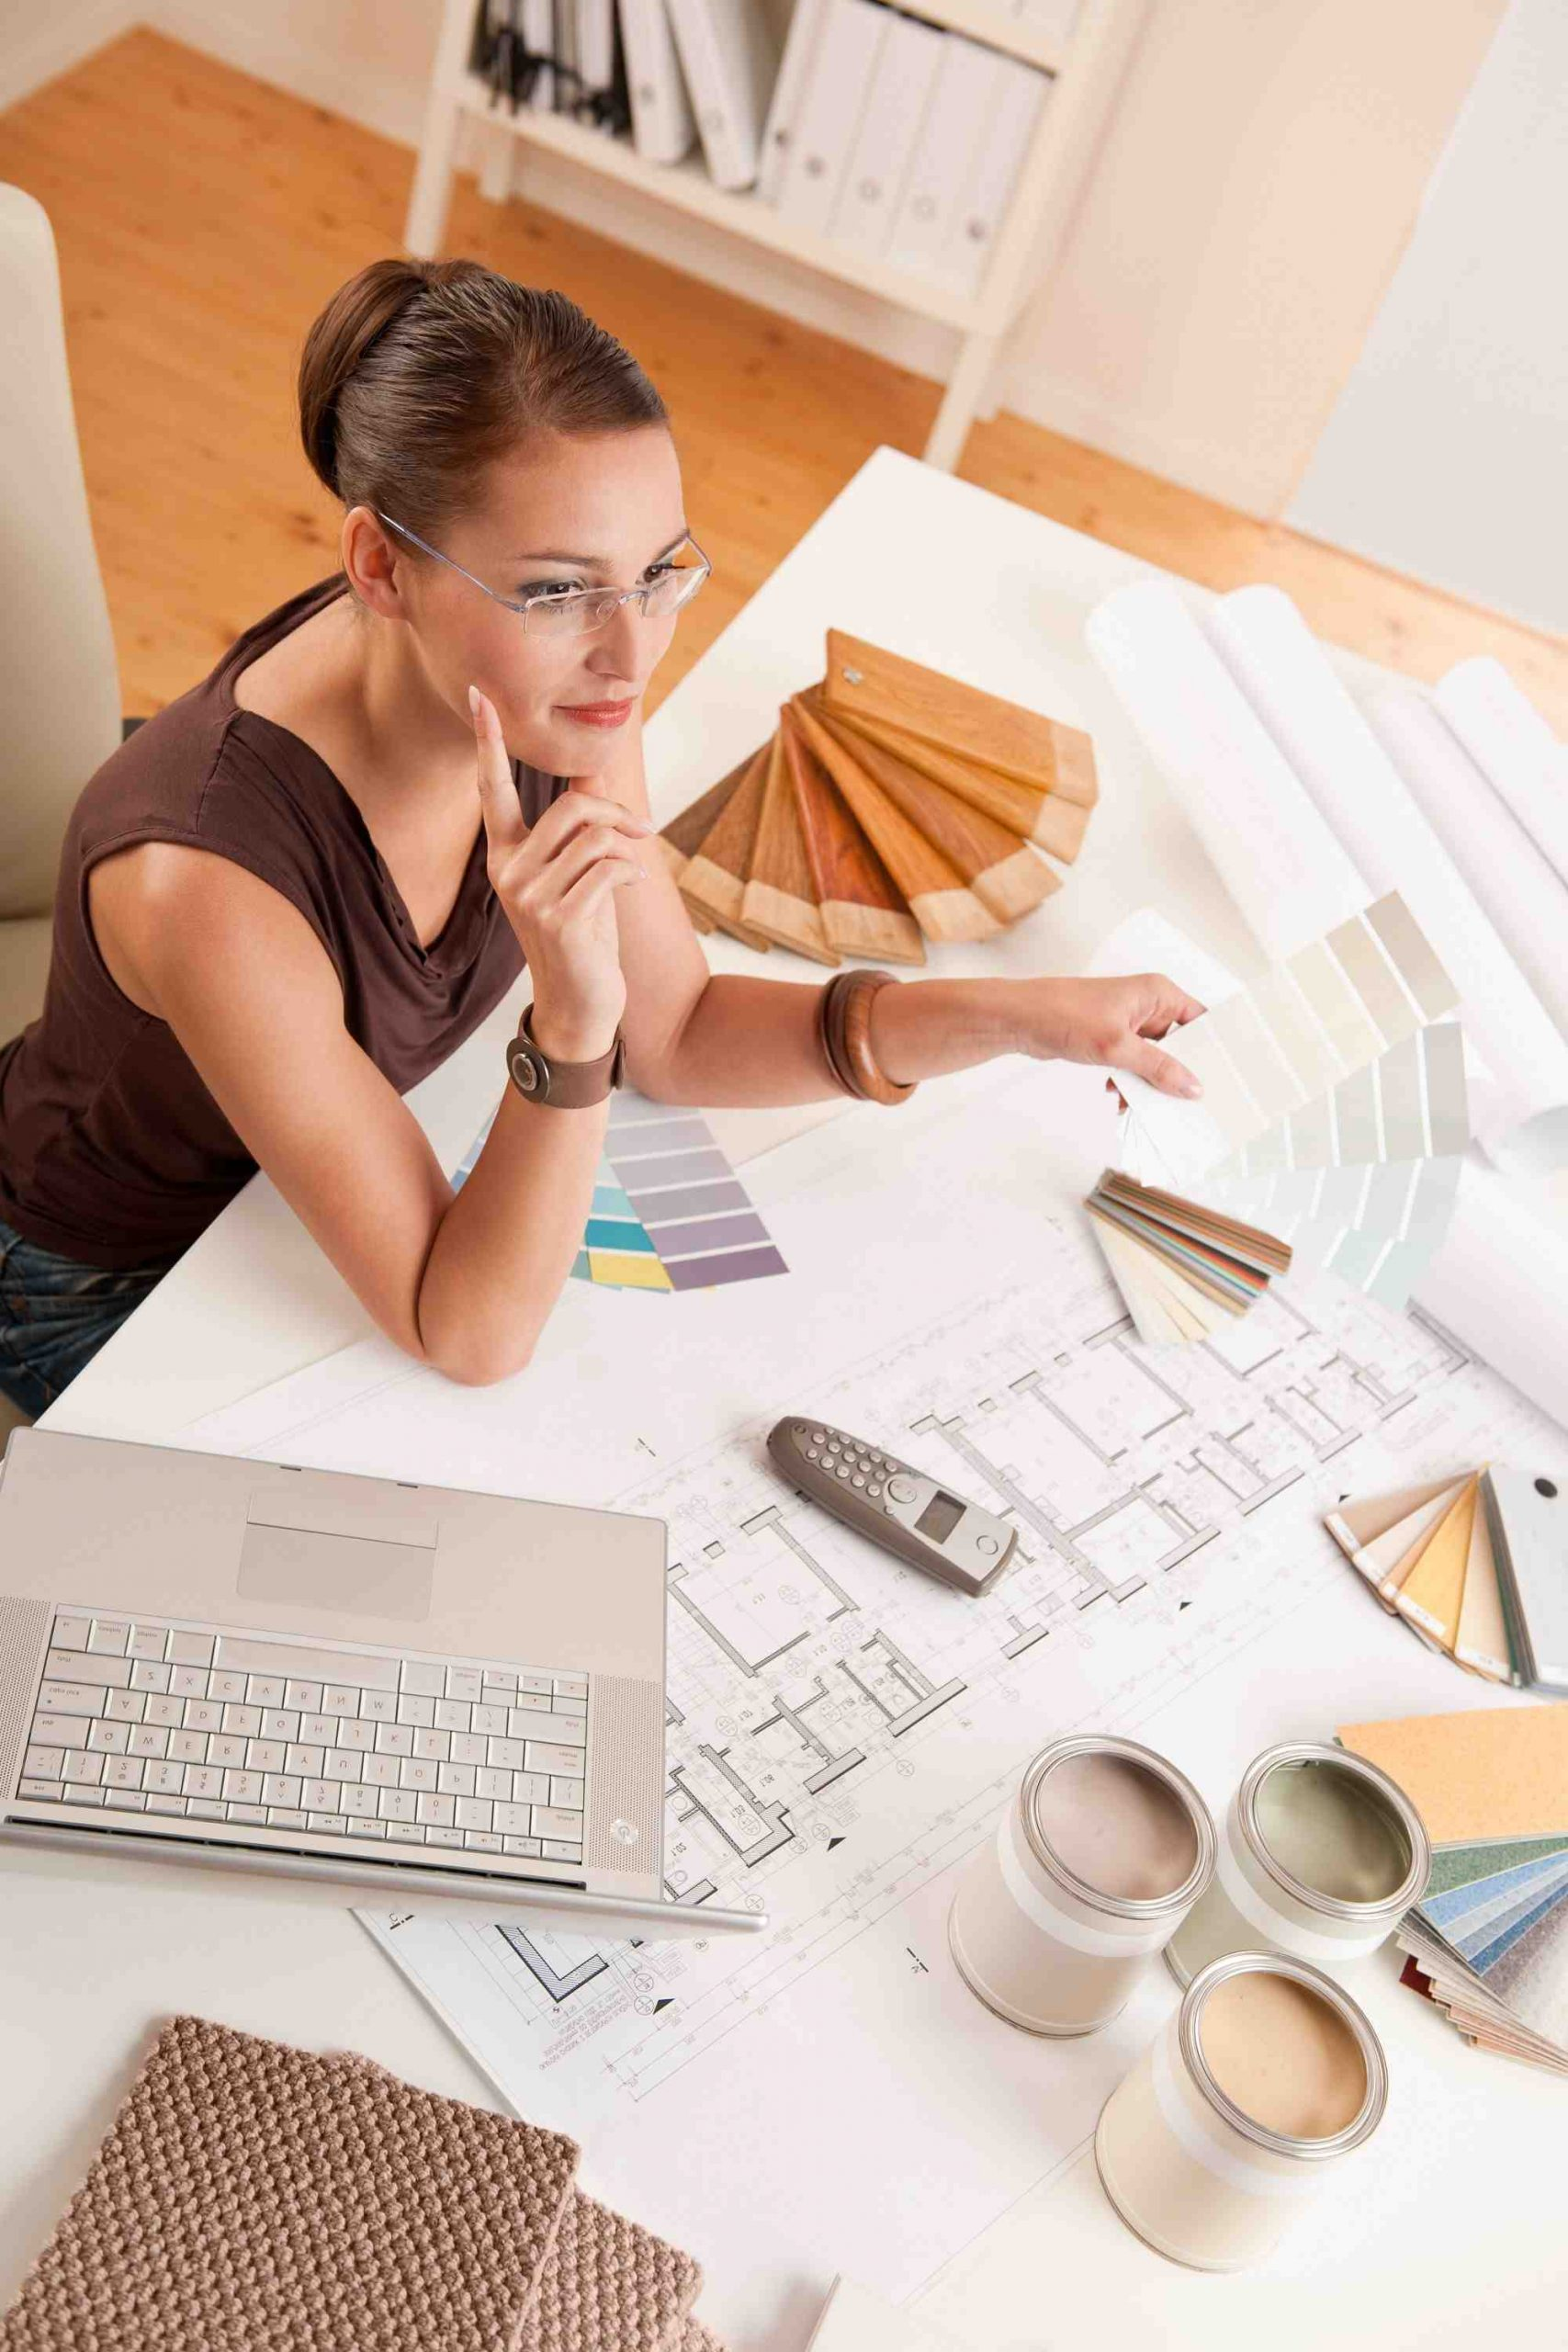 Quelles Etudes pour faire architecte d'intérieur ?